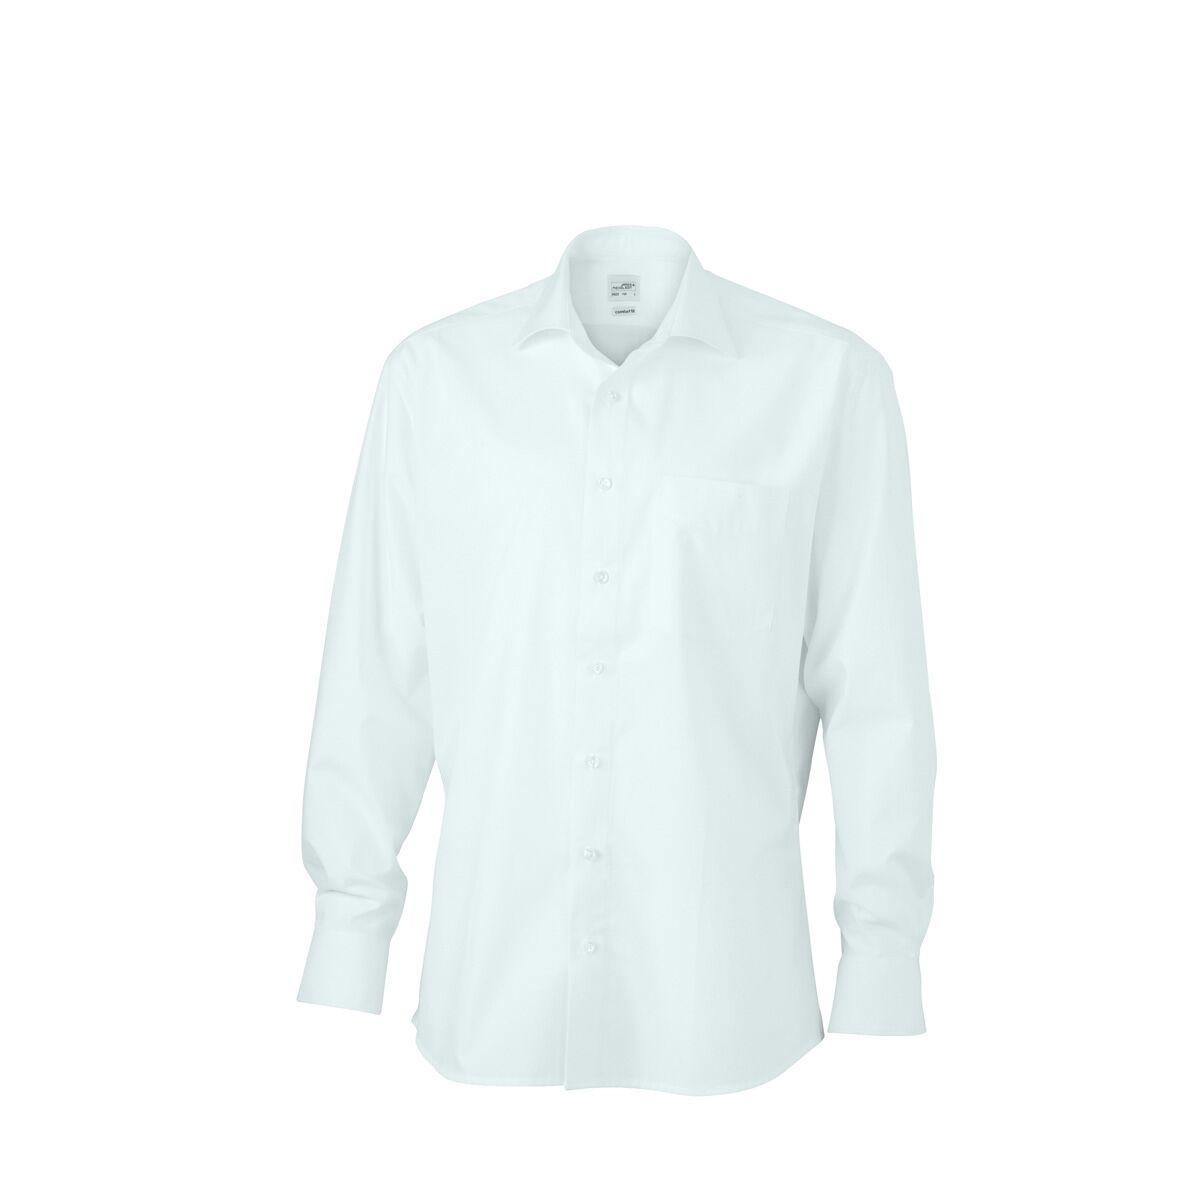 chemise manches longues sans repassage col hai jn620 homme blanc james et nicholson. Black Bedroom Furniture Sets. Home Design Ideas